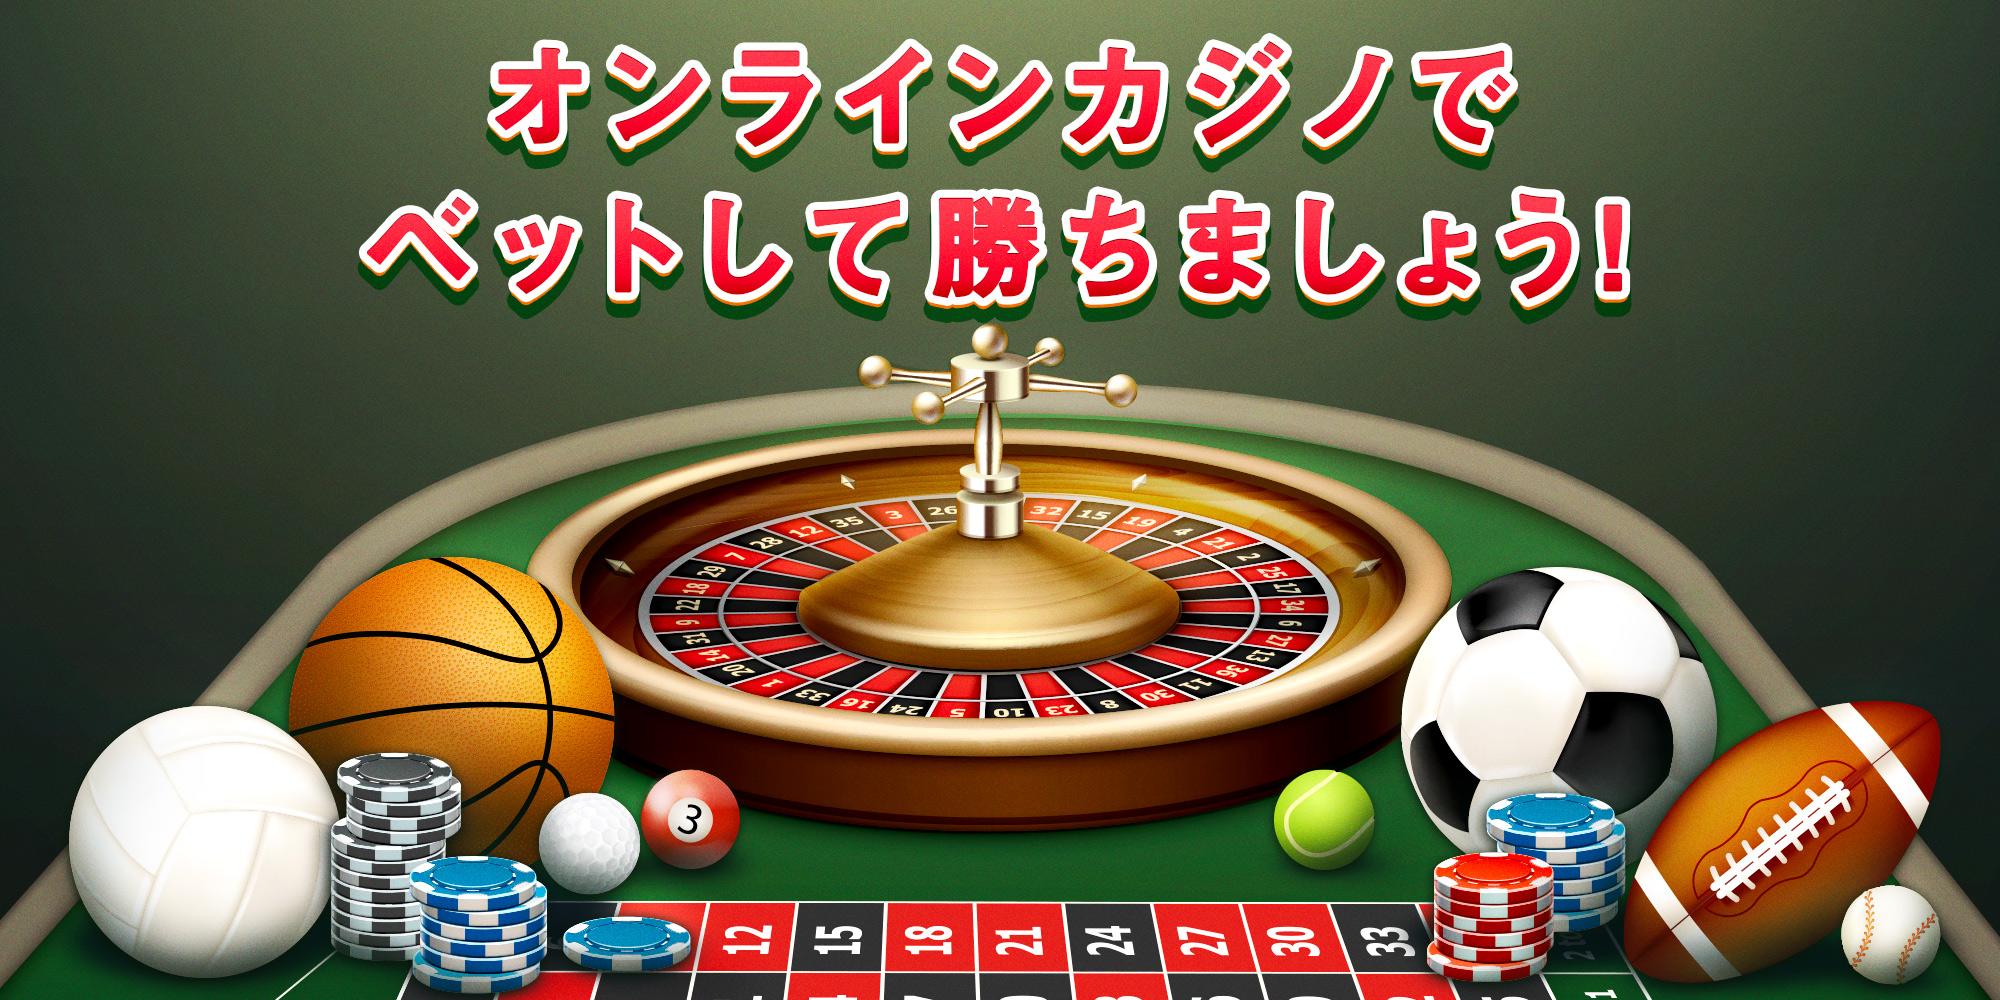 オンラインカジノ スポーツ